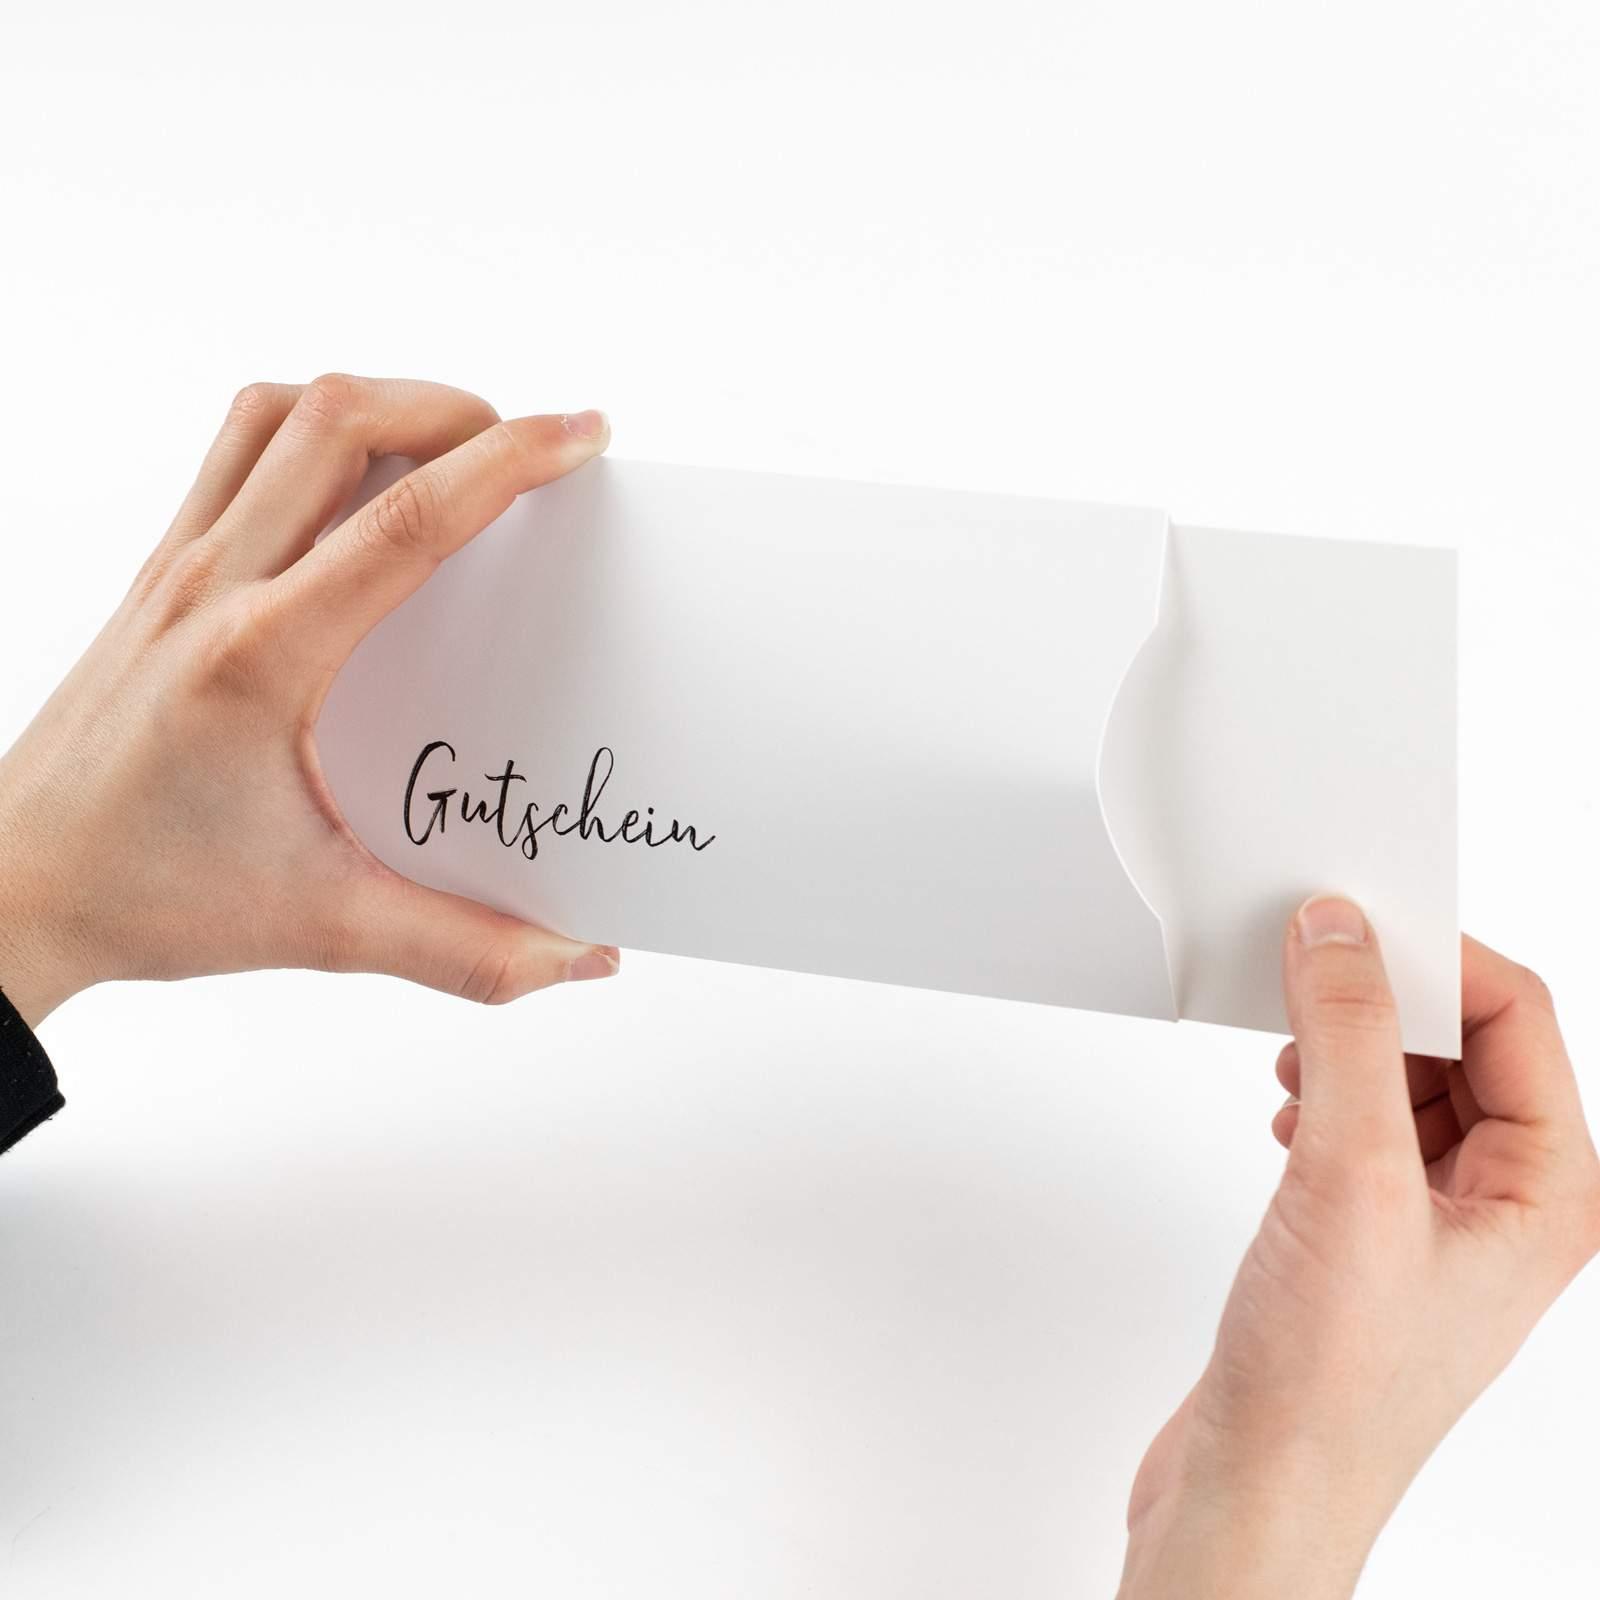 Ebay Garten Gutschein Neu Details Zu Gutscheinkarten Set Geschenkgutschein Geburtstagsgutschein Gutschein